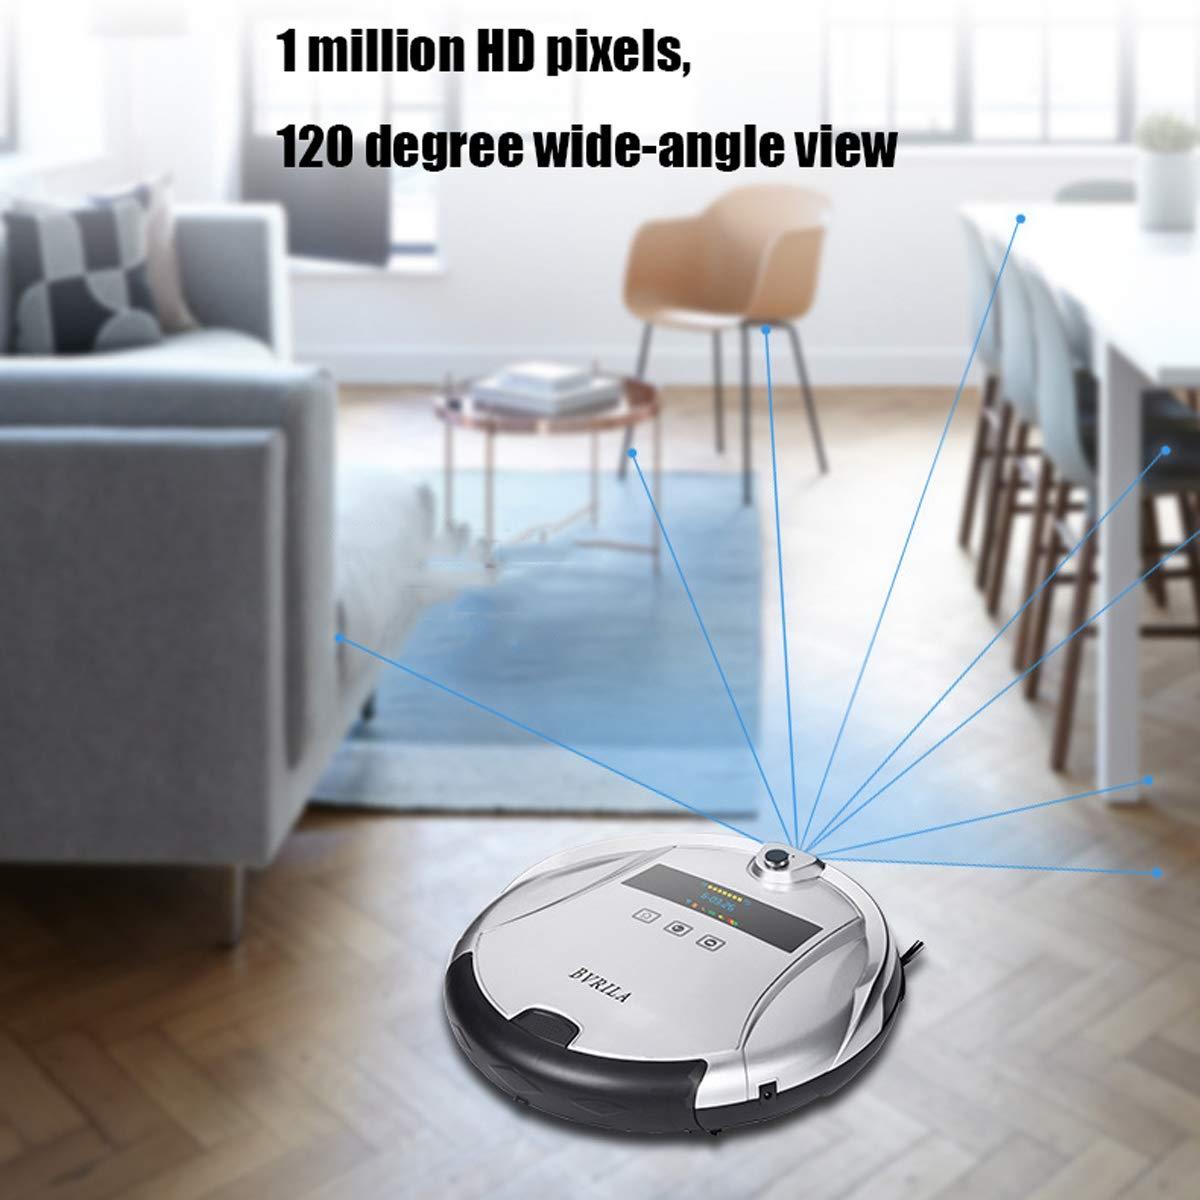 Inicio Completo Inteligente/Robot Aspirador de Limpieza/interconexión de teléfonos móviles/Barrido / Arrastre húmedo/videovigilancia HD/se Adapta a una ...